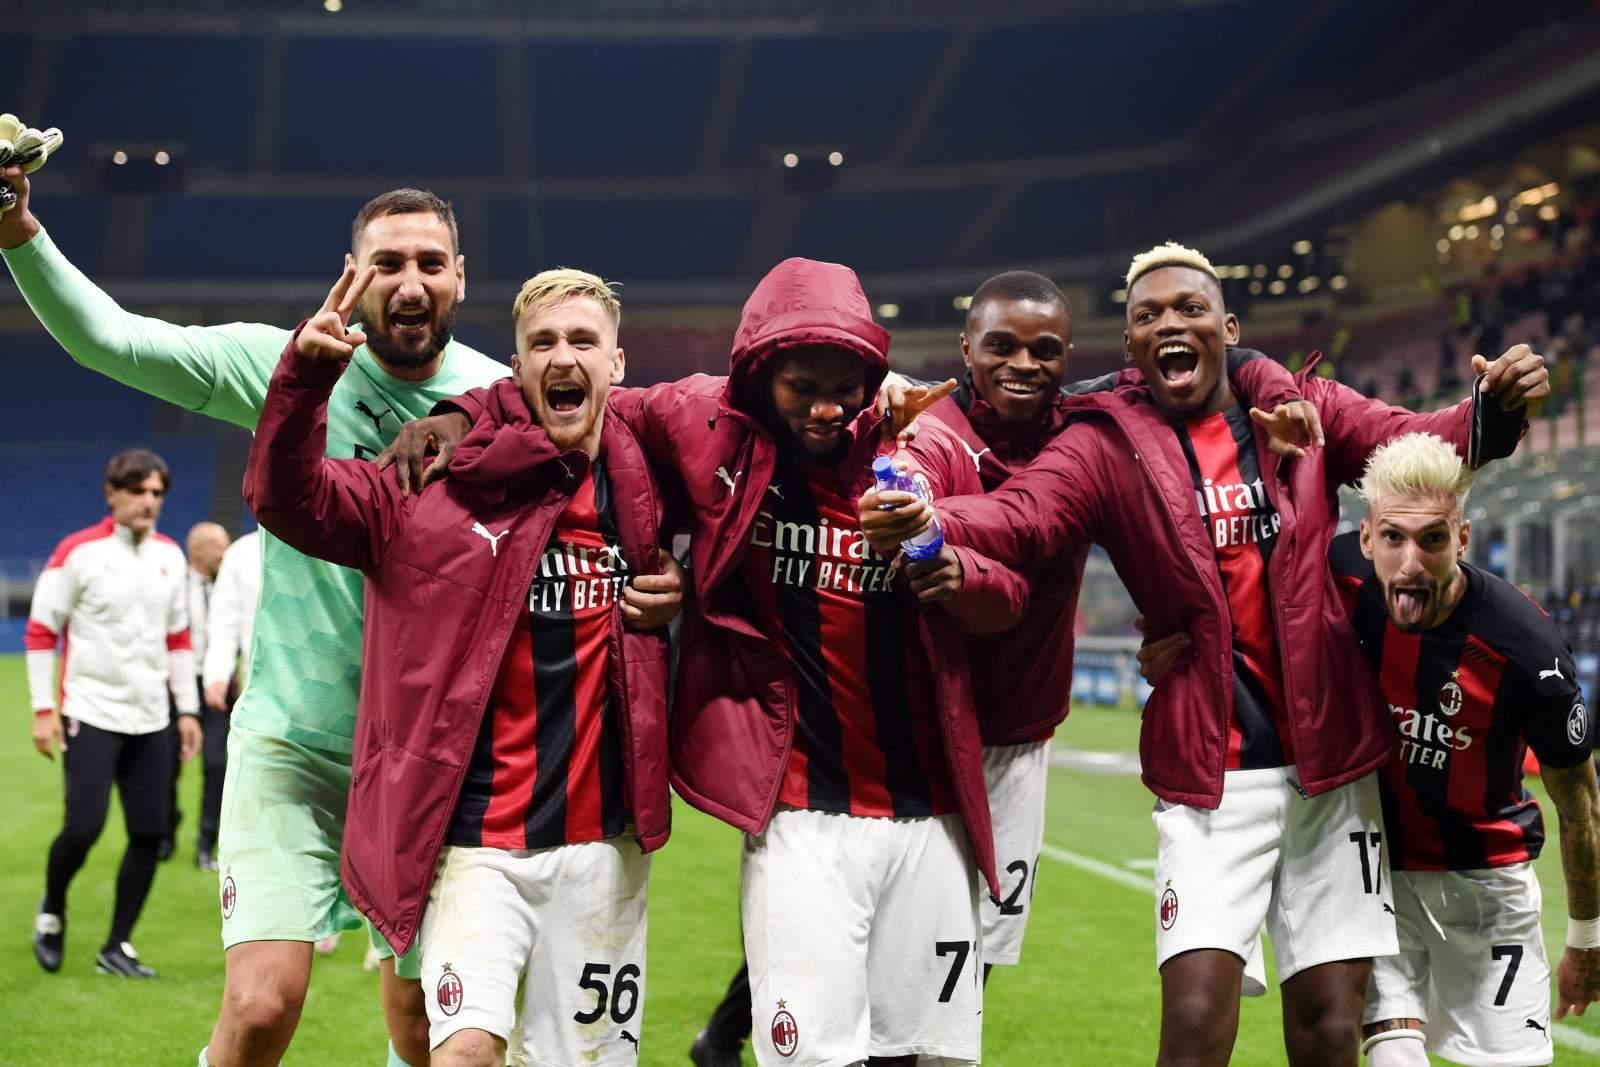 У «Милана» будет 100 млн евро на трансферы